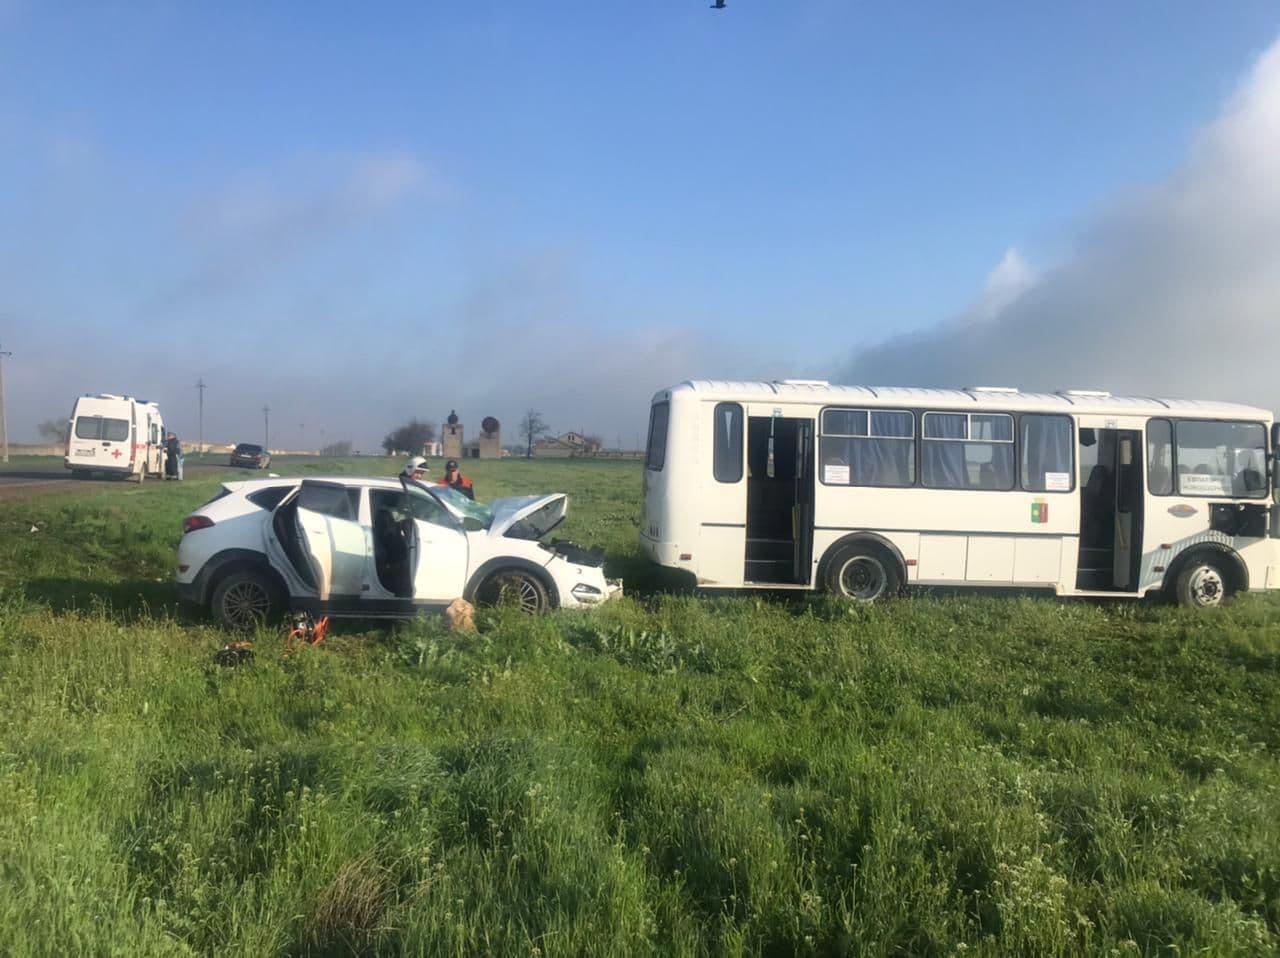 В Крыму пассажирский автобус столкнулся с иномаркой, есть пострадавшие (фото)